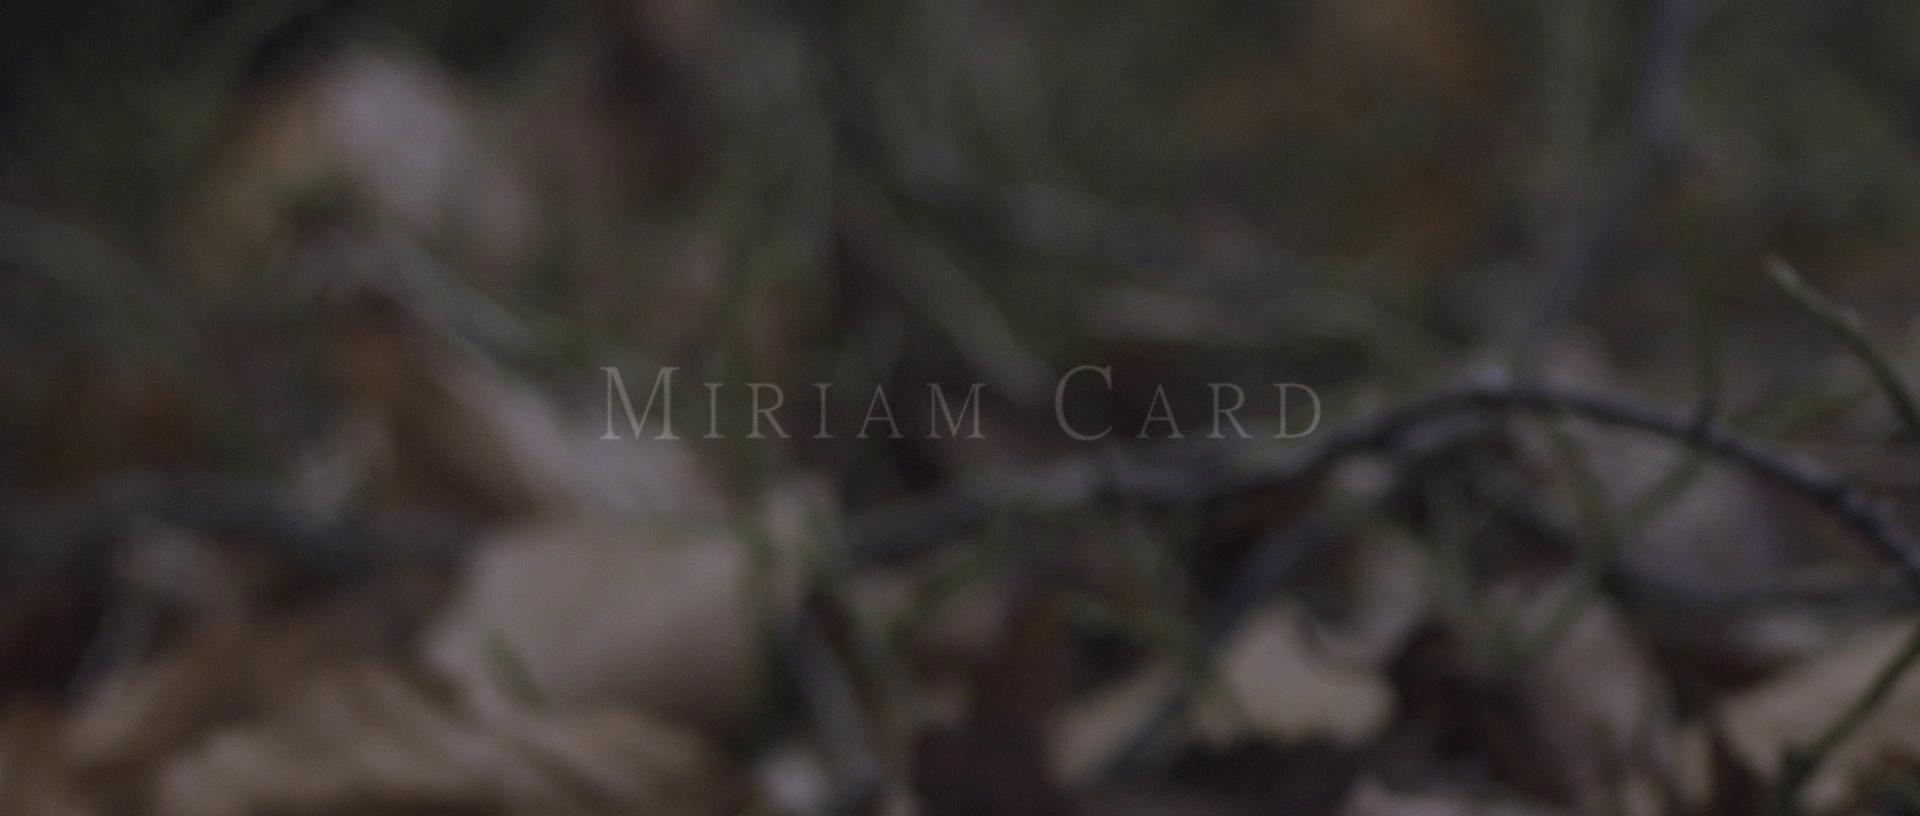 Miriam Card - 1